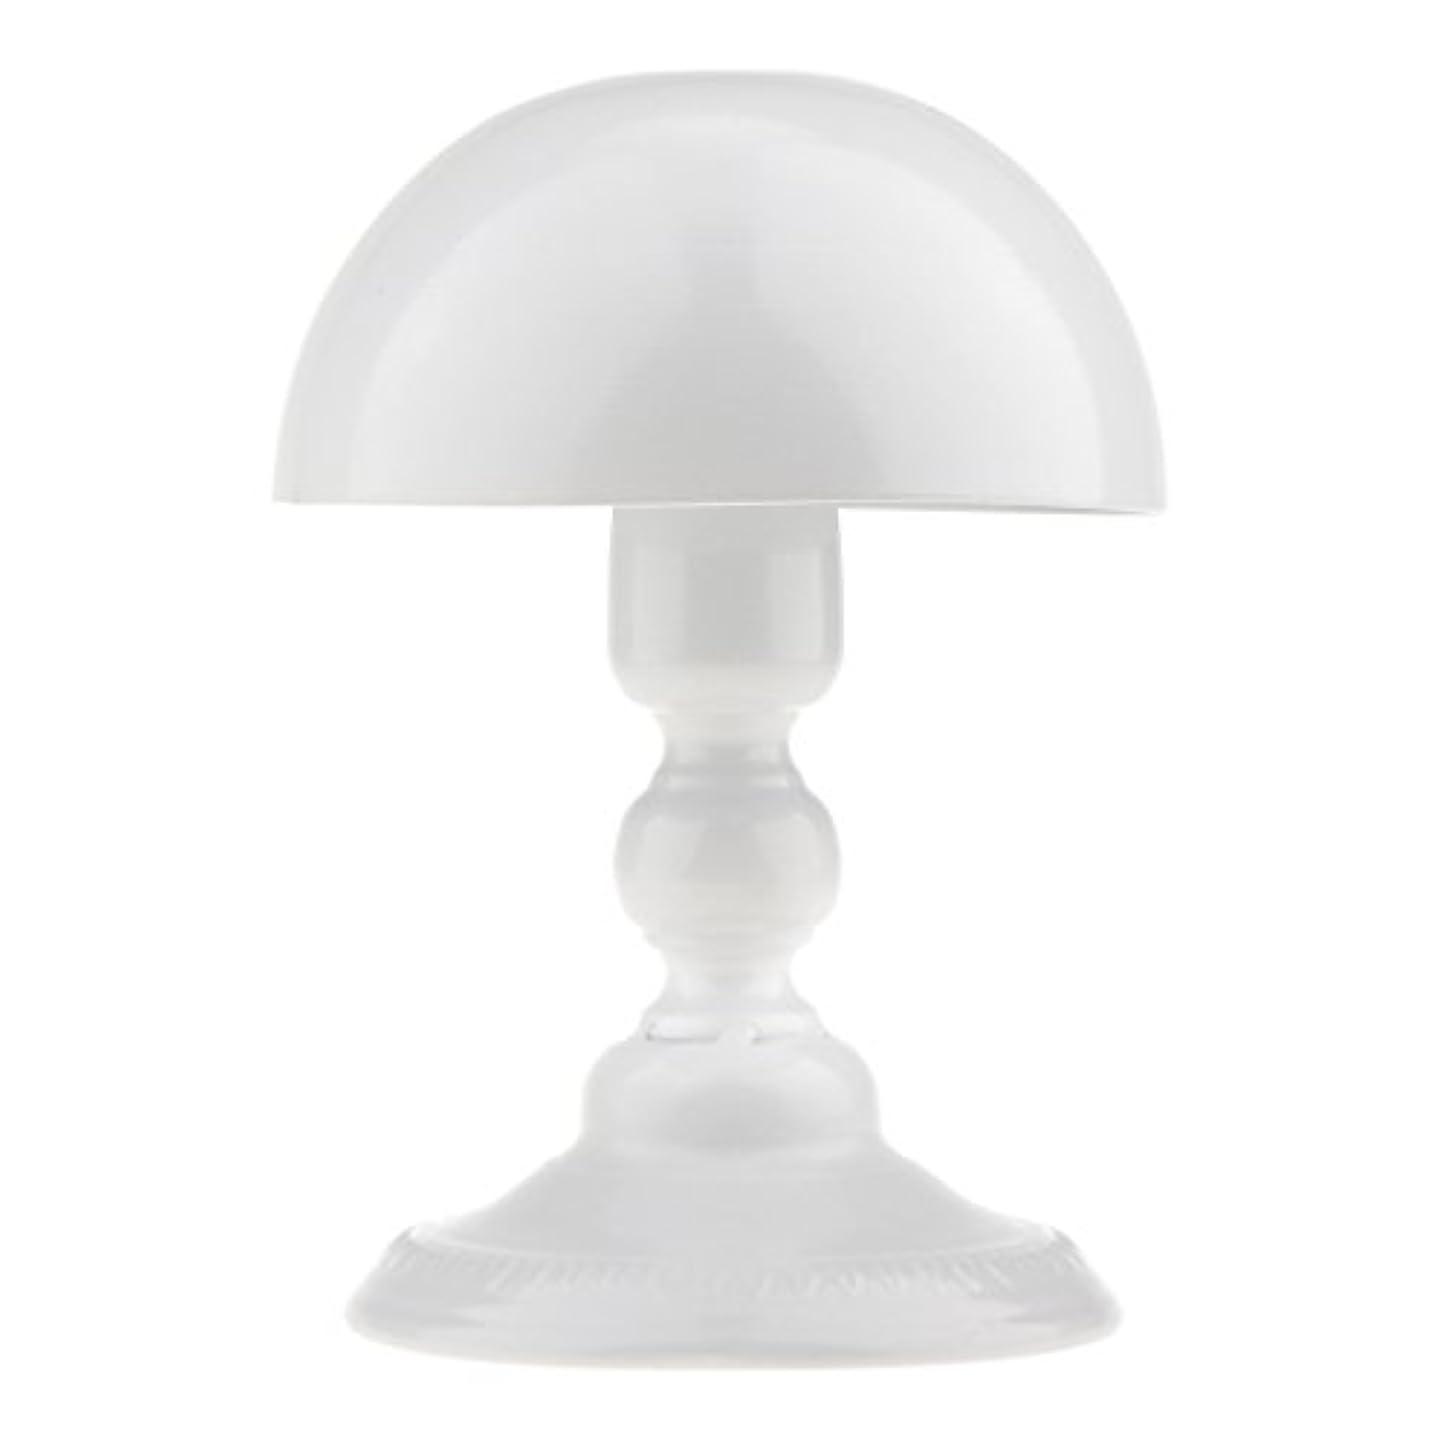 代替案状況ファンシーToygogo アイロン製 ウィッグスタンド 帽子スタンド かつらホルダー 収納 ディスプレイ 全3色 - ホワイト